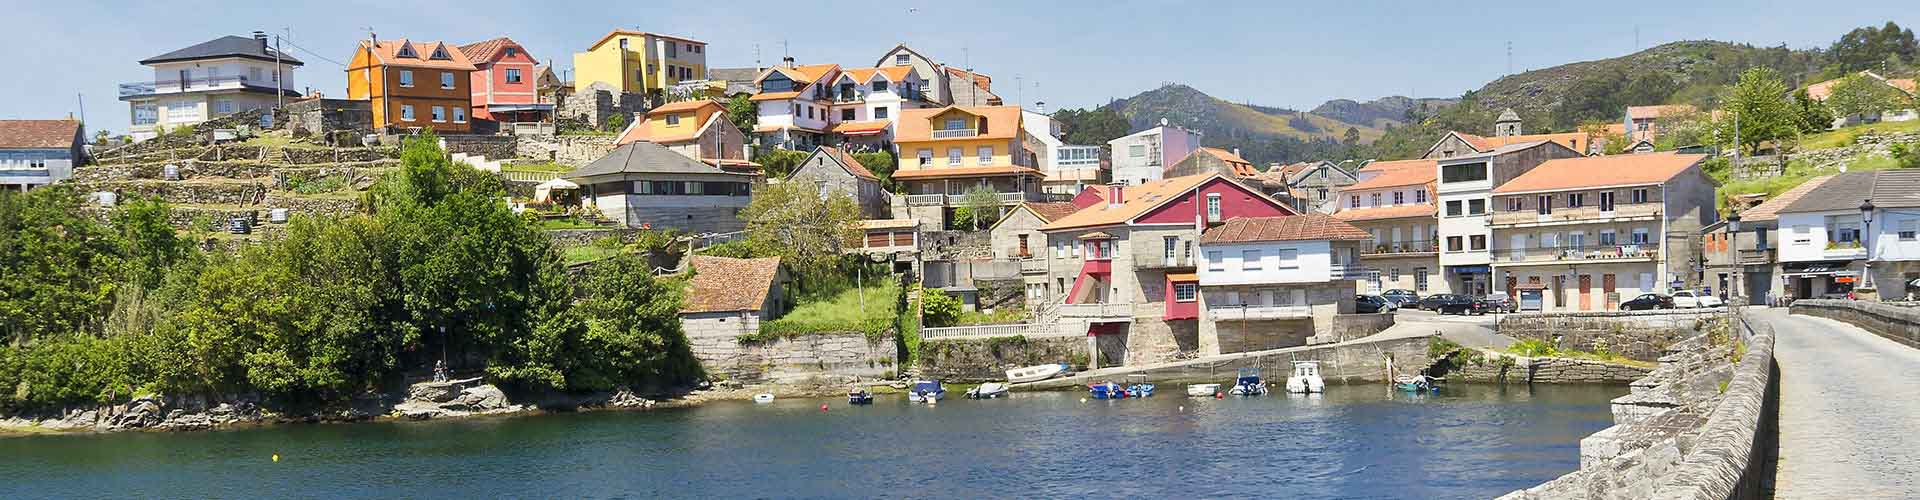 Vigo - Auberges de jeunesse à Vigo. Cartes pour Vigo, photos et commentaires pour chaque auberge de jeunesse à Vigo.